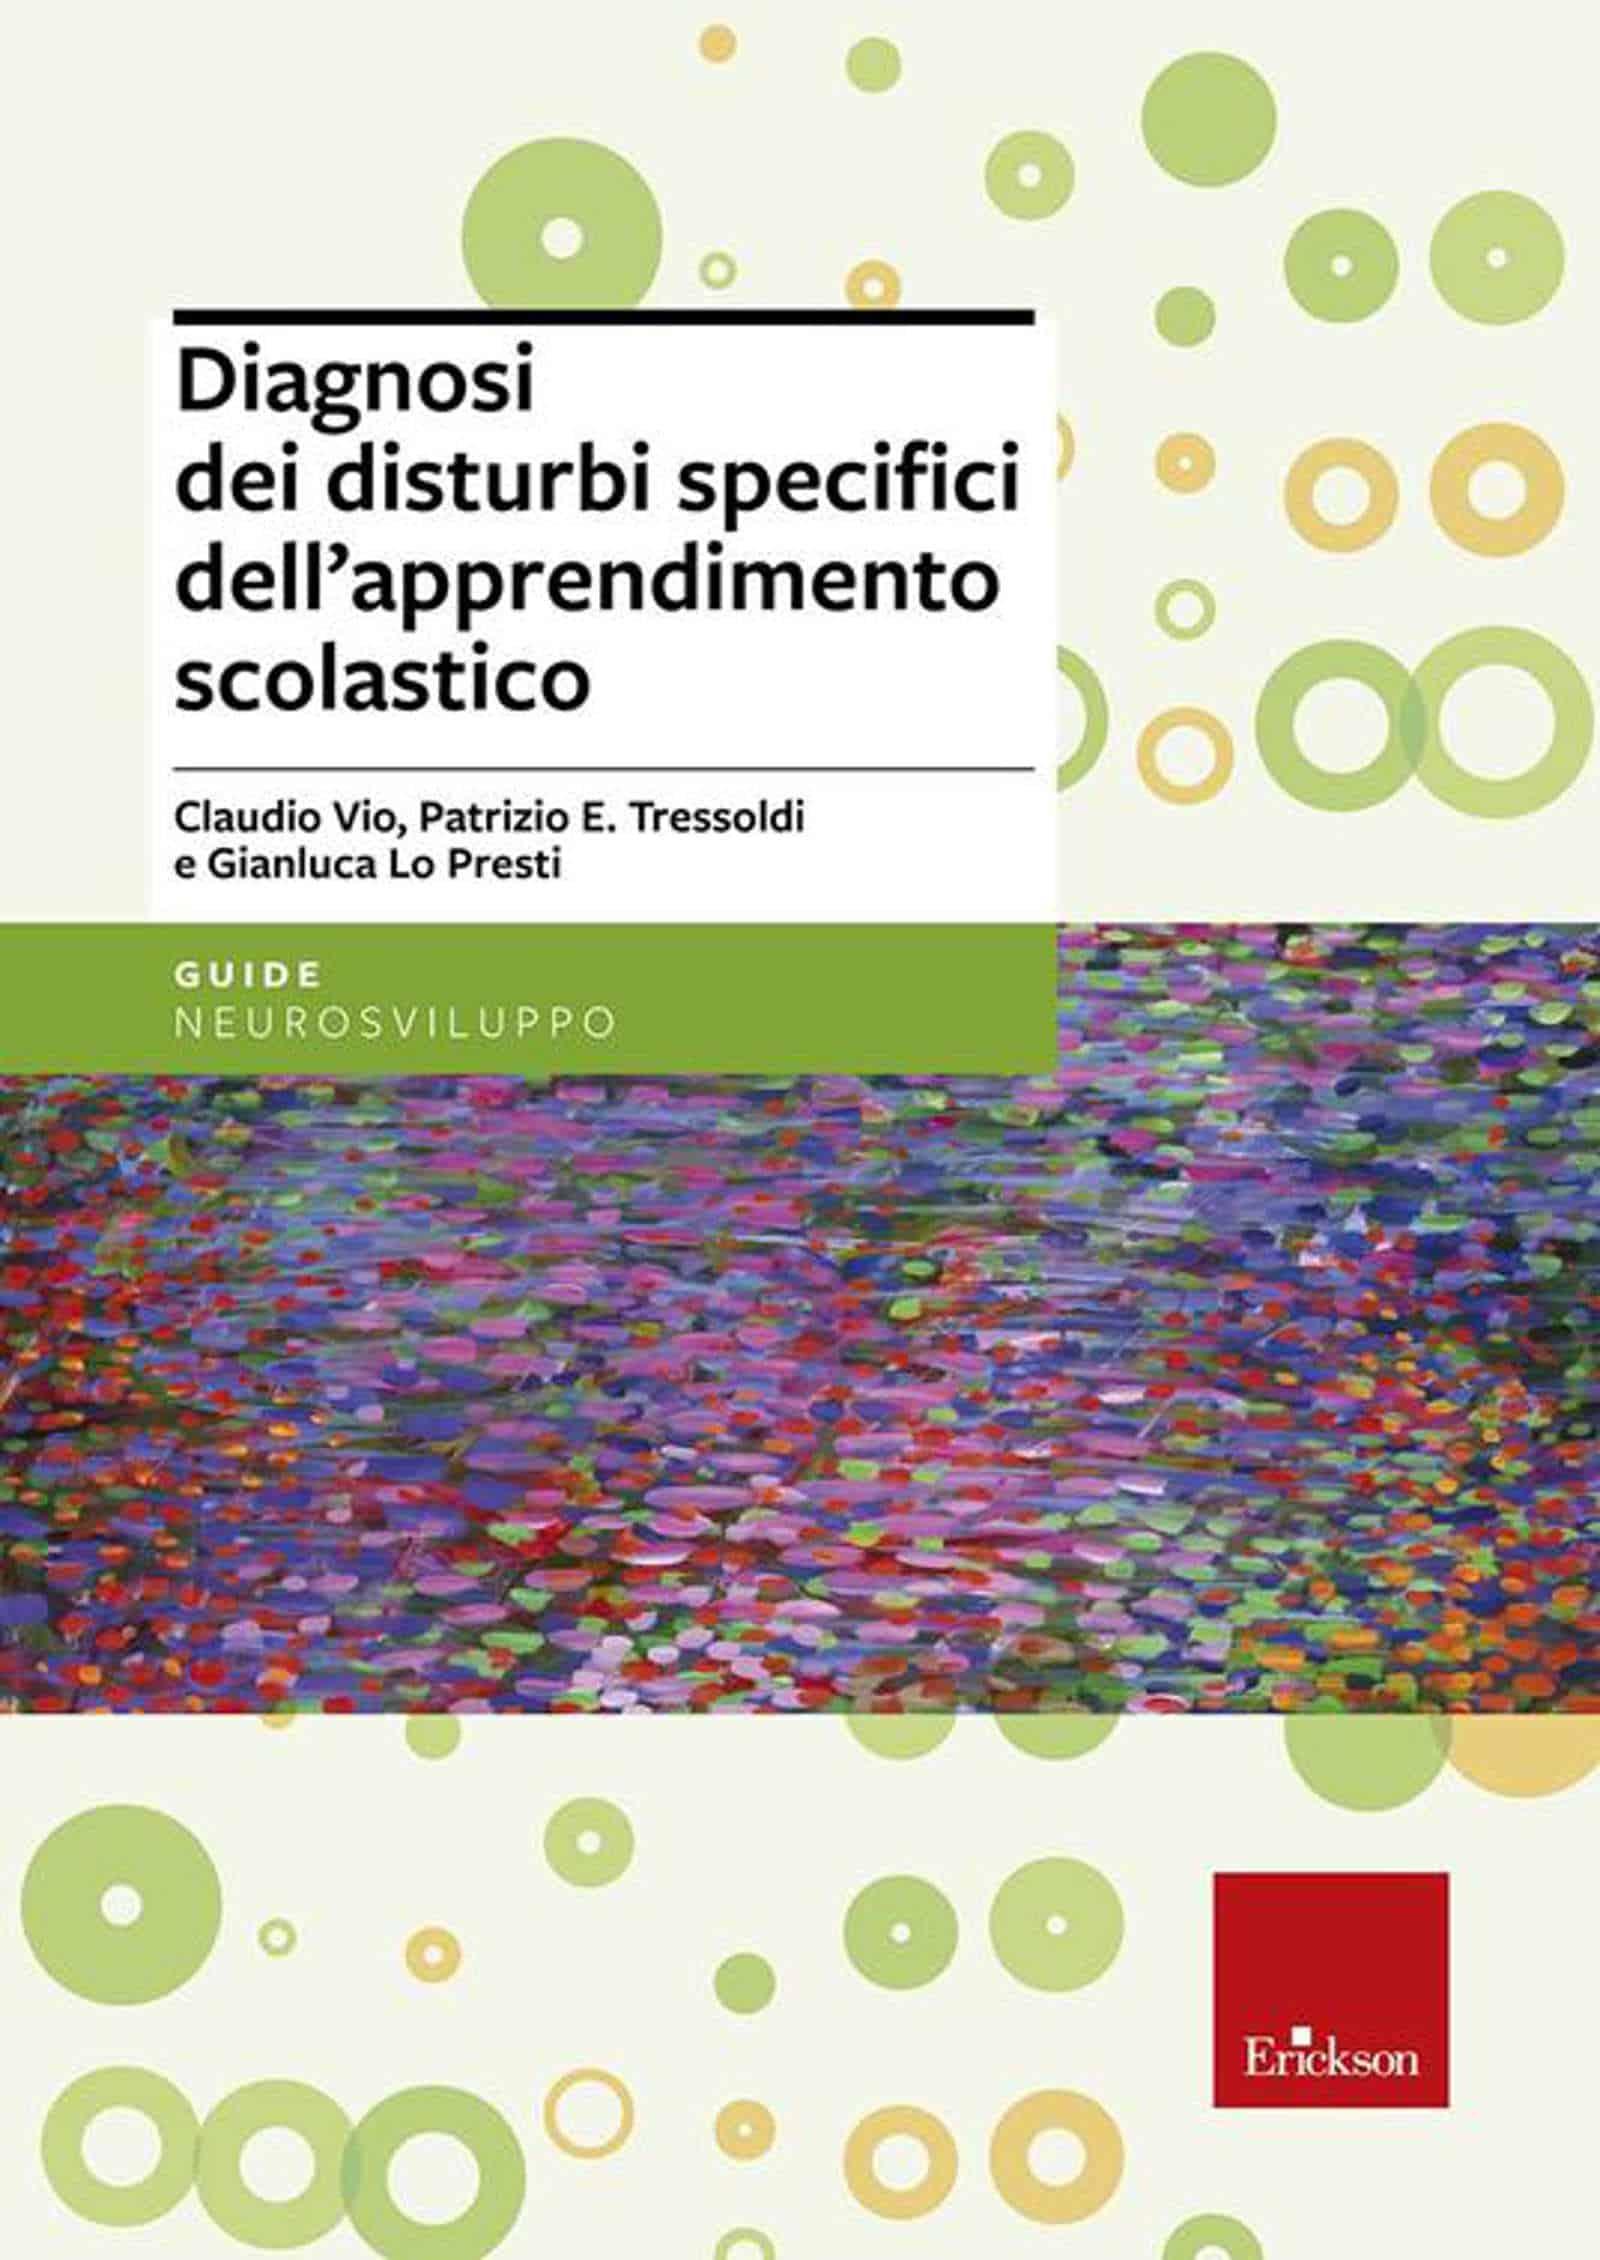 Diagnosi dei disturbi specifici dell'apprendimento scolastico (2012) di Vio, Lo Presti e Tressoldi – Recensione